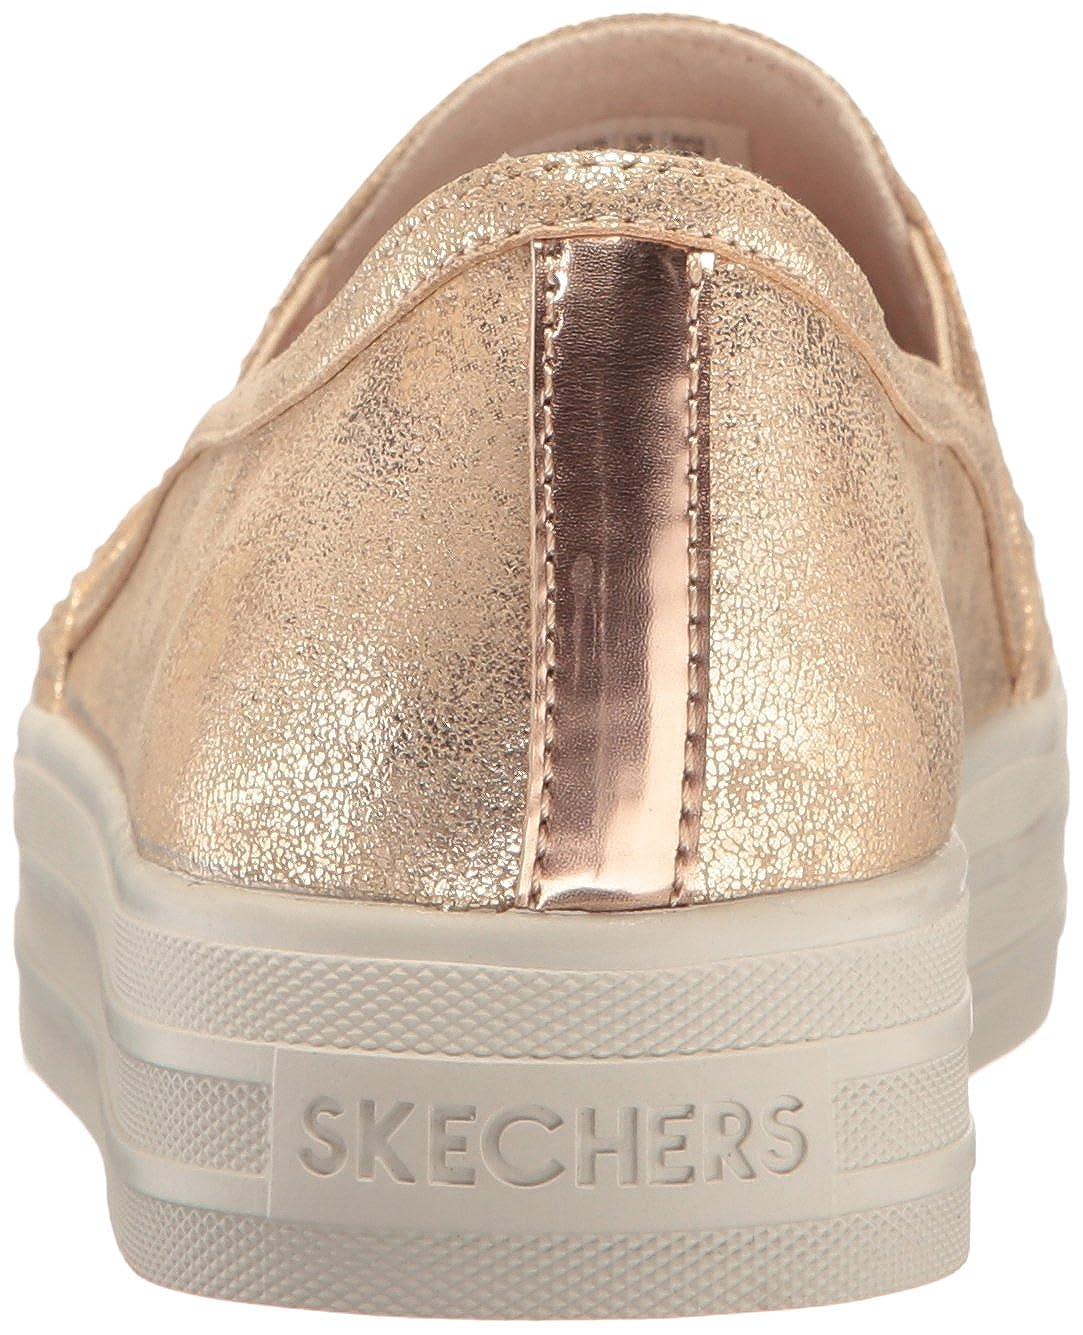 Skechers Street Los Angeles Damen Schuhe Slipper Double Up